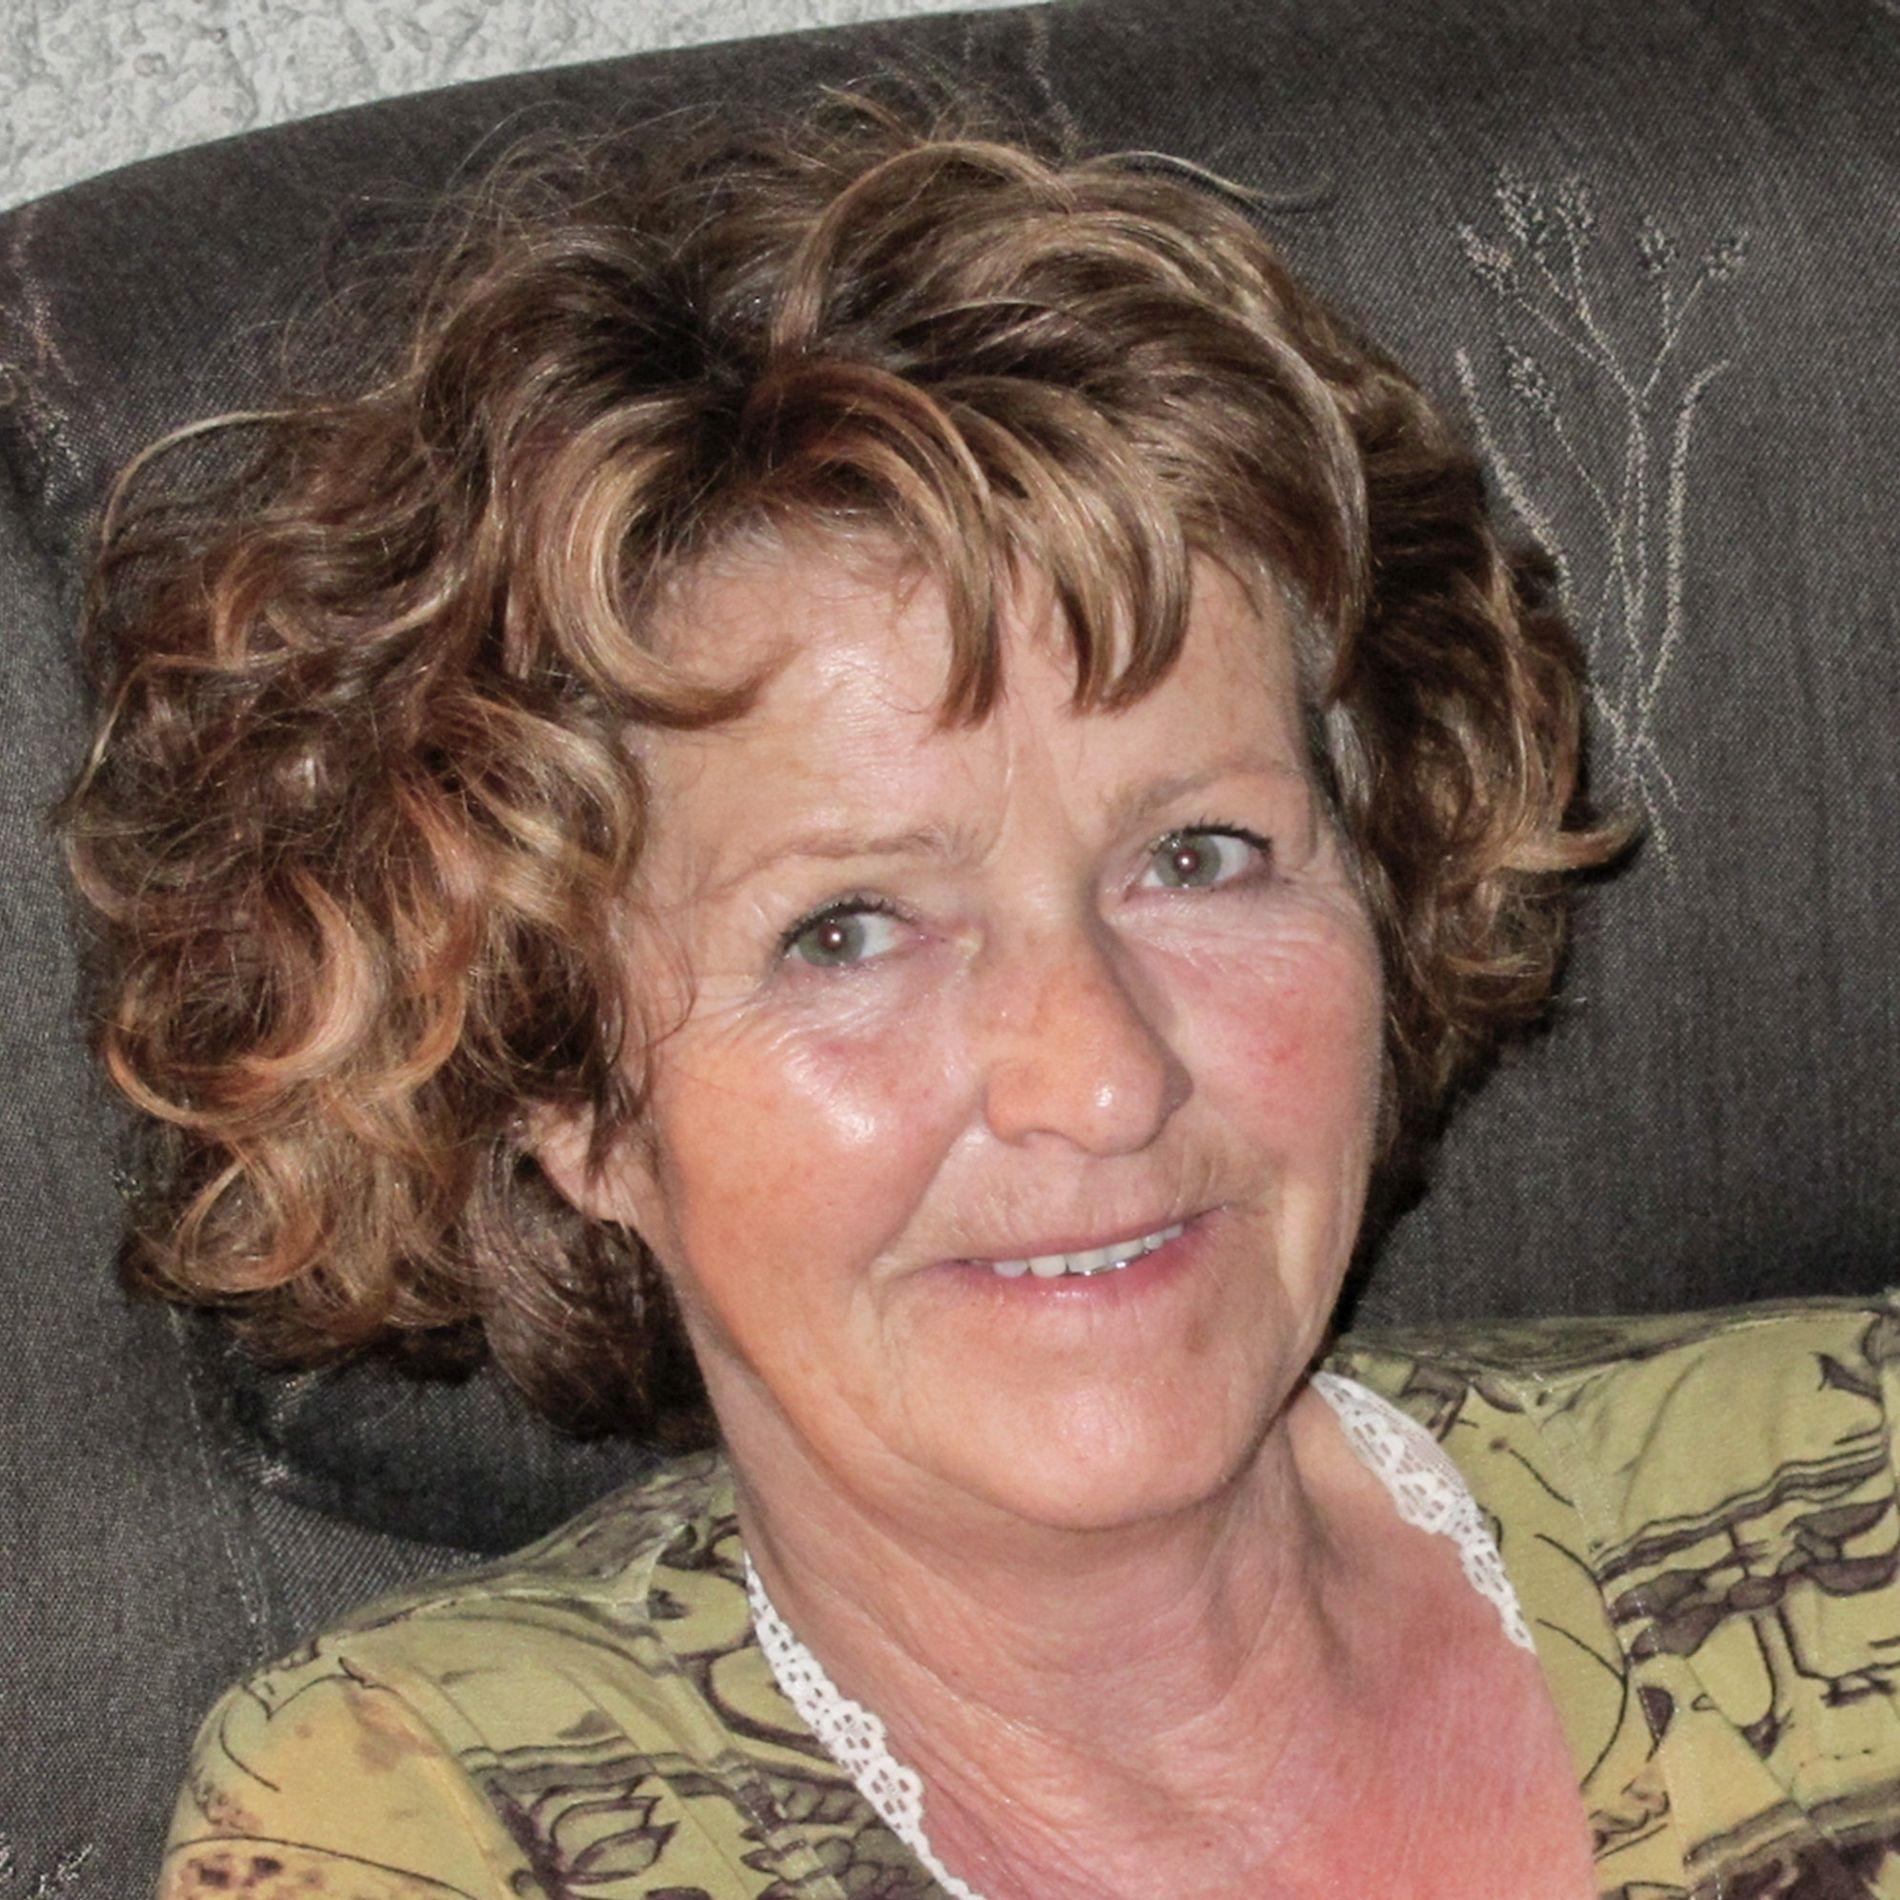 FORSVUNNET: 69 år gamle Anne-Elisabeth Hagen forsvant 31. oktober i fjor.